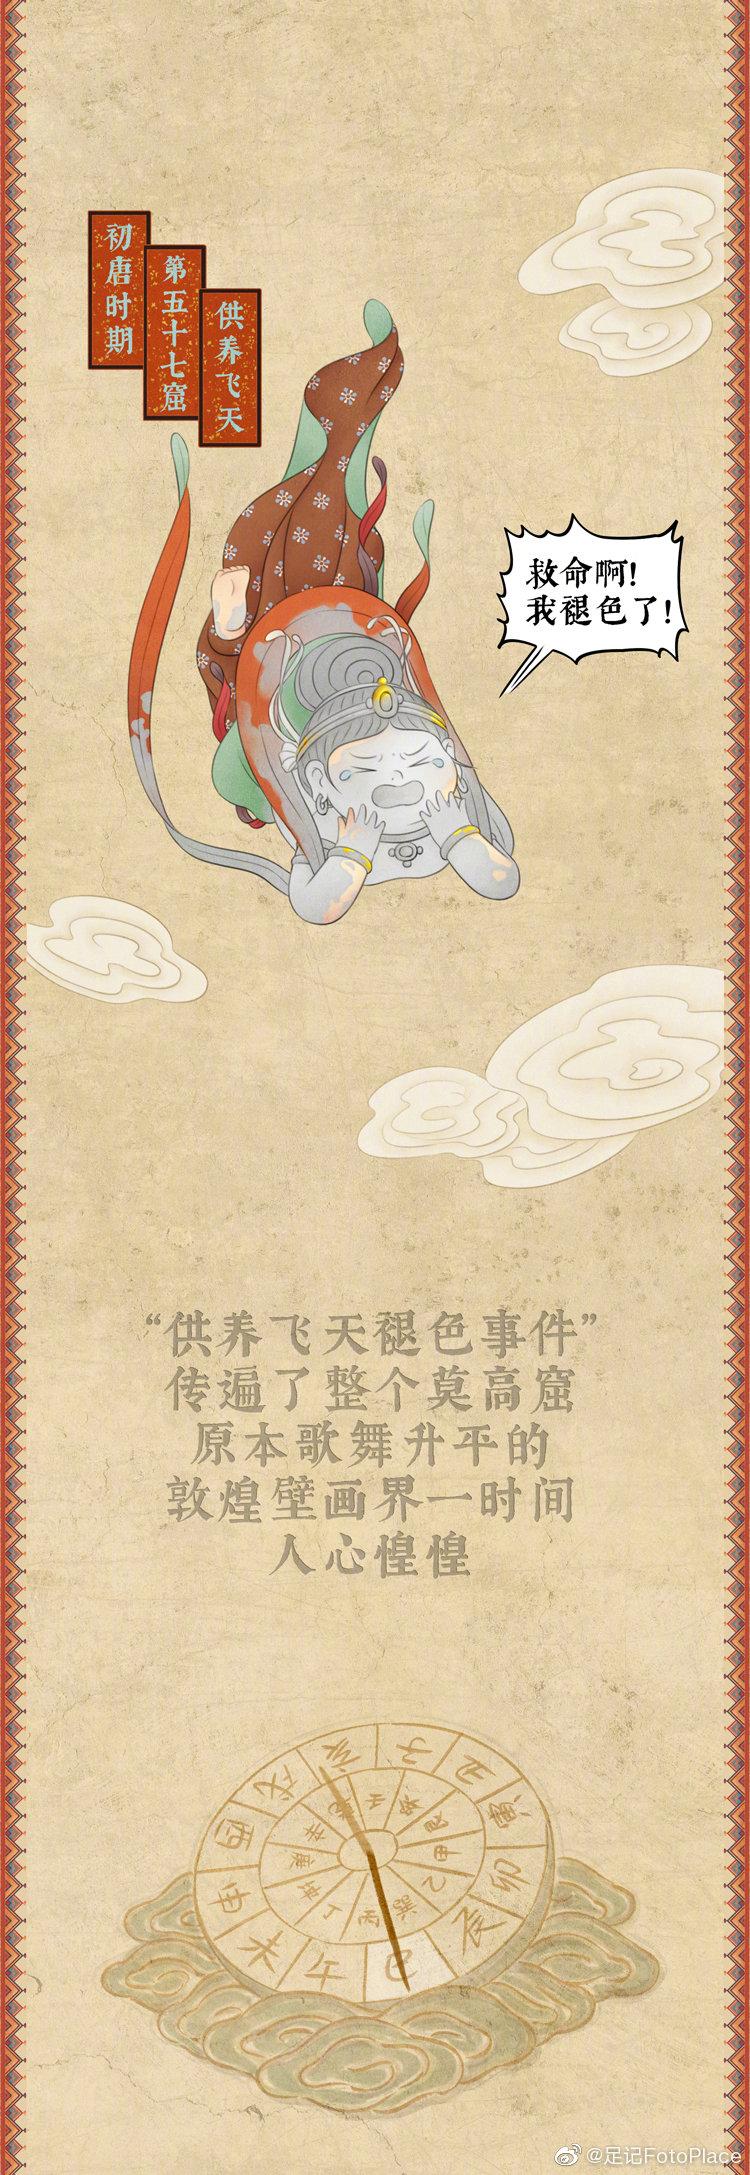 百雀羚 | 敦煌博物馆肌初套装礼盒